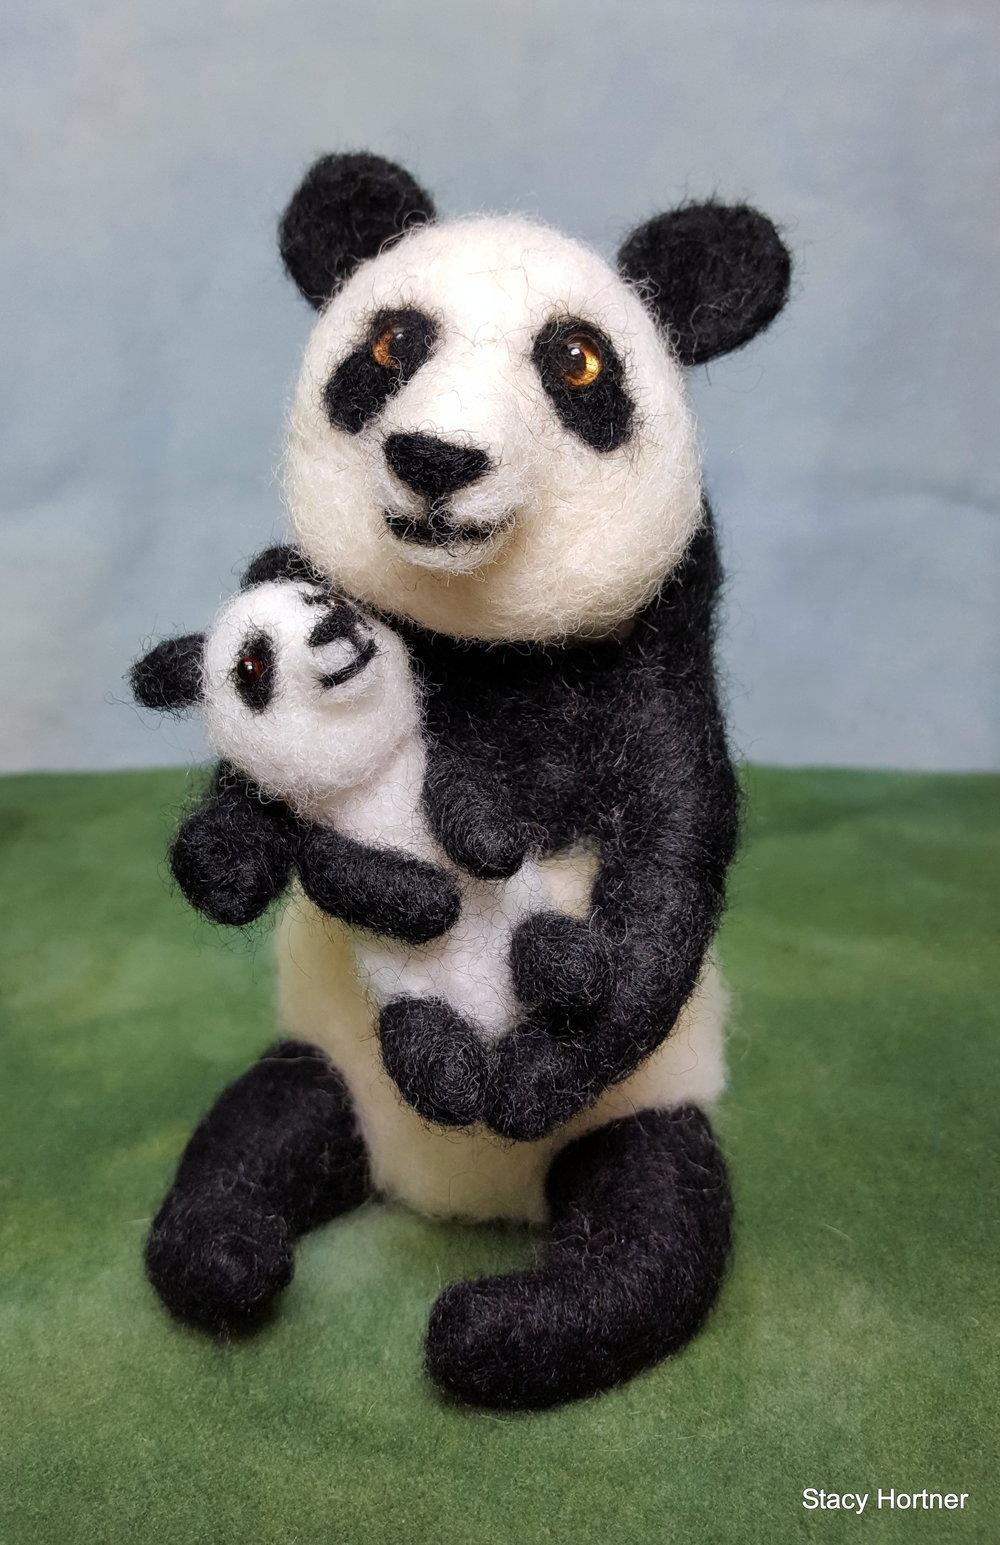 Mama panda and baby